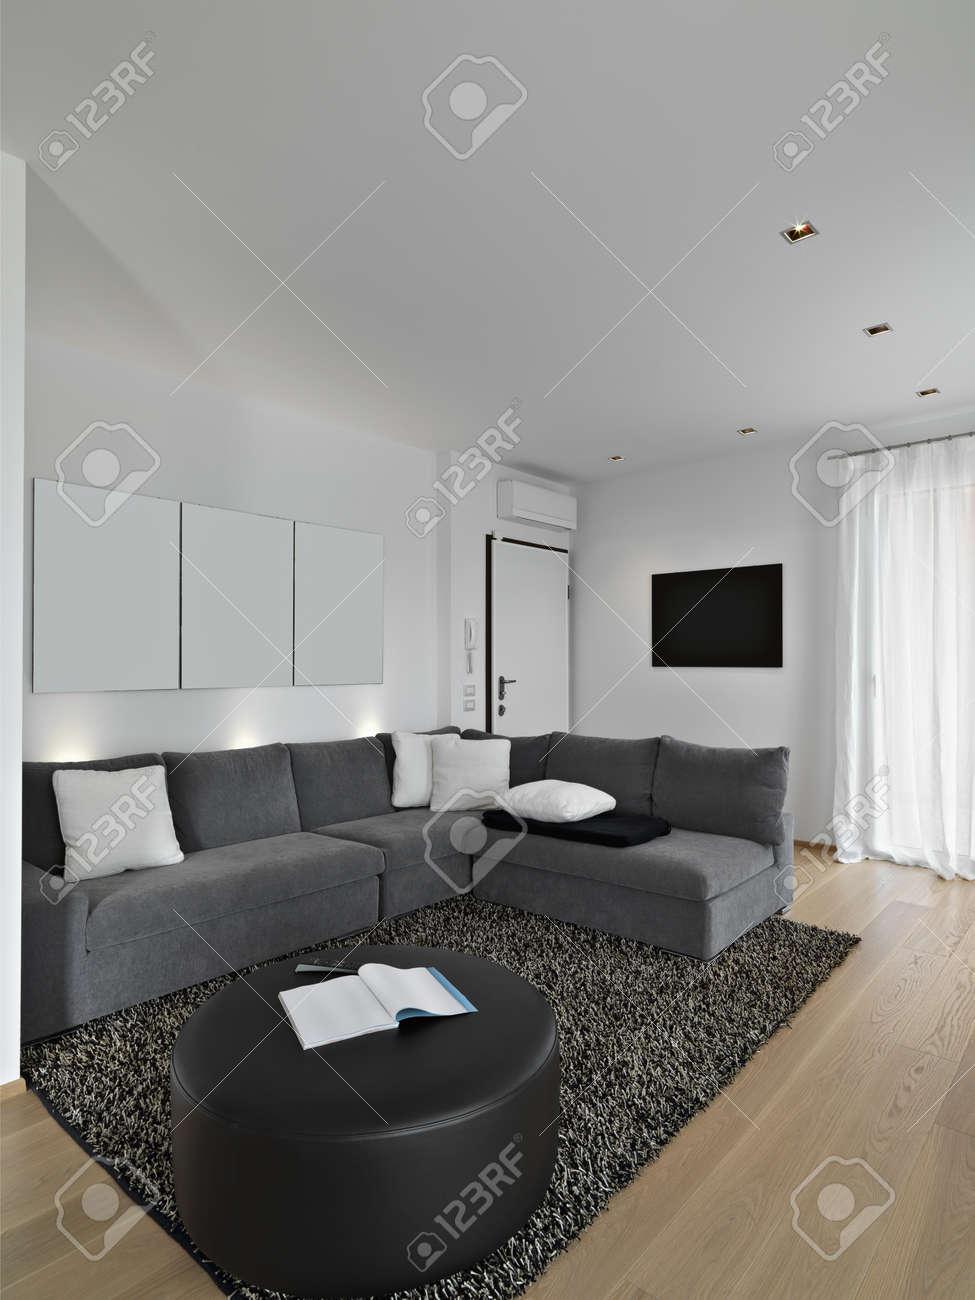 30 Nouveau Salon En Tissus Moderne Jdt4 Canapé Du Salon